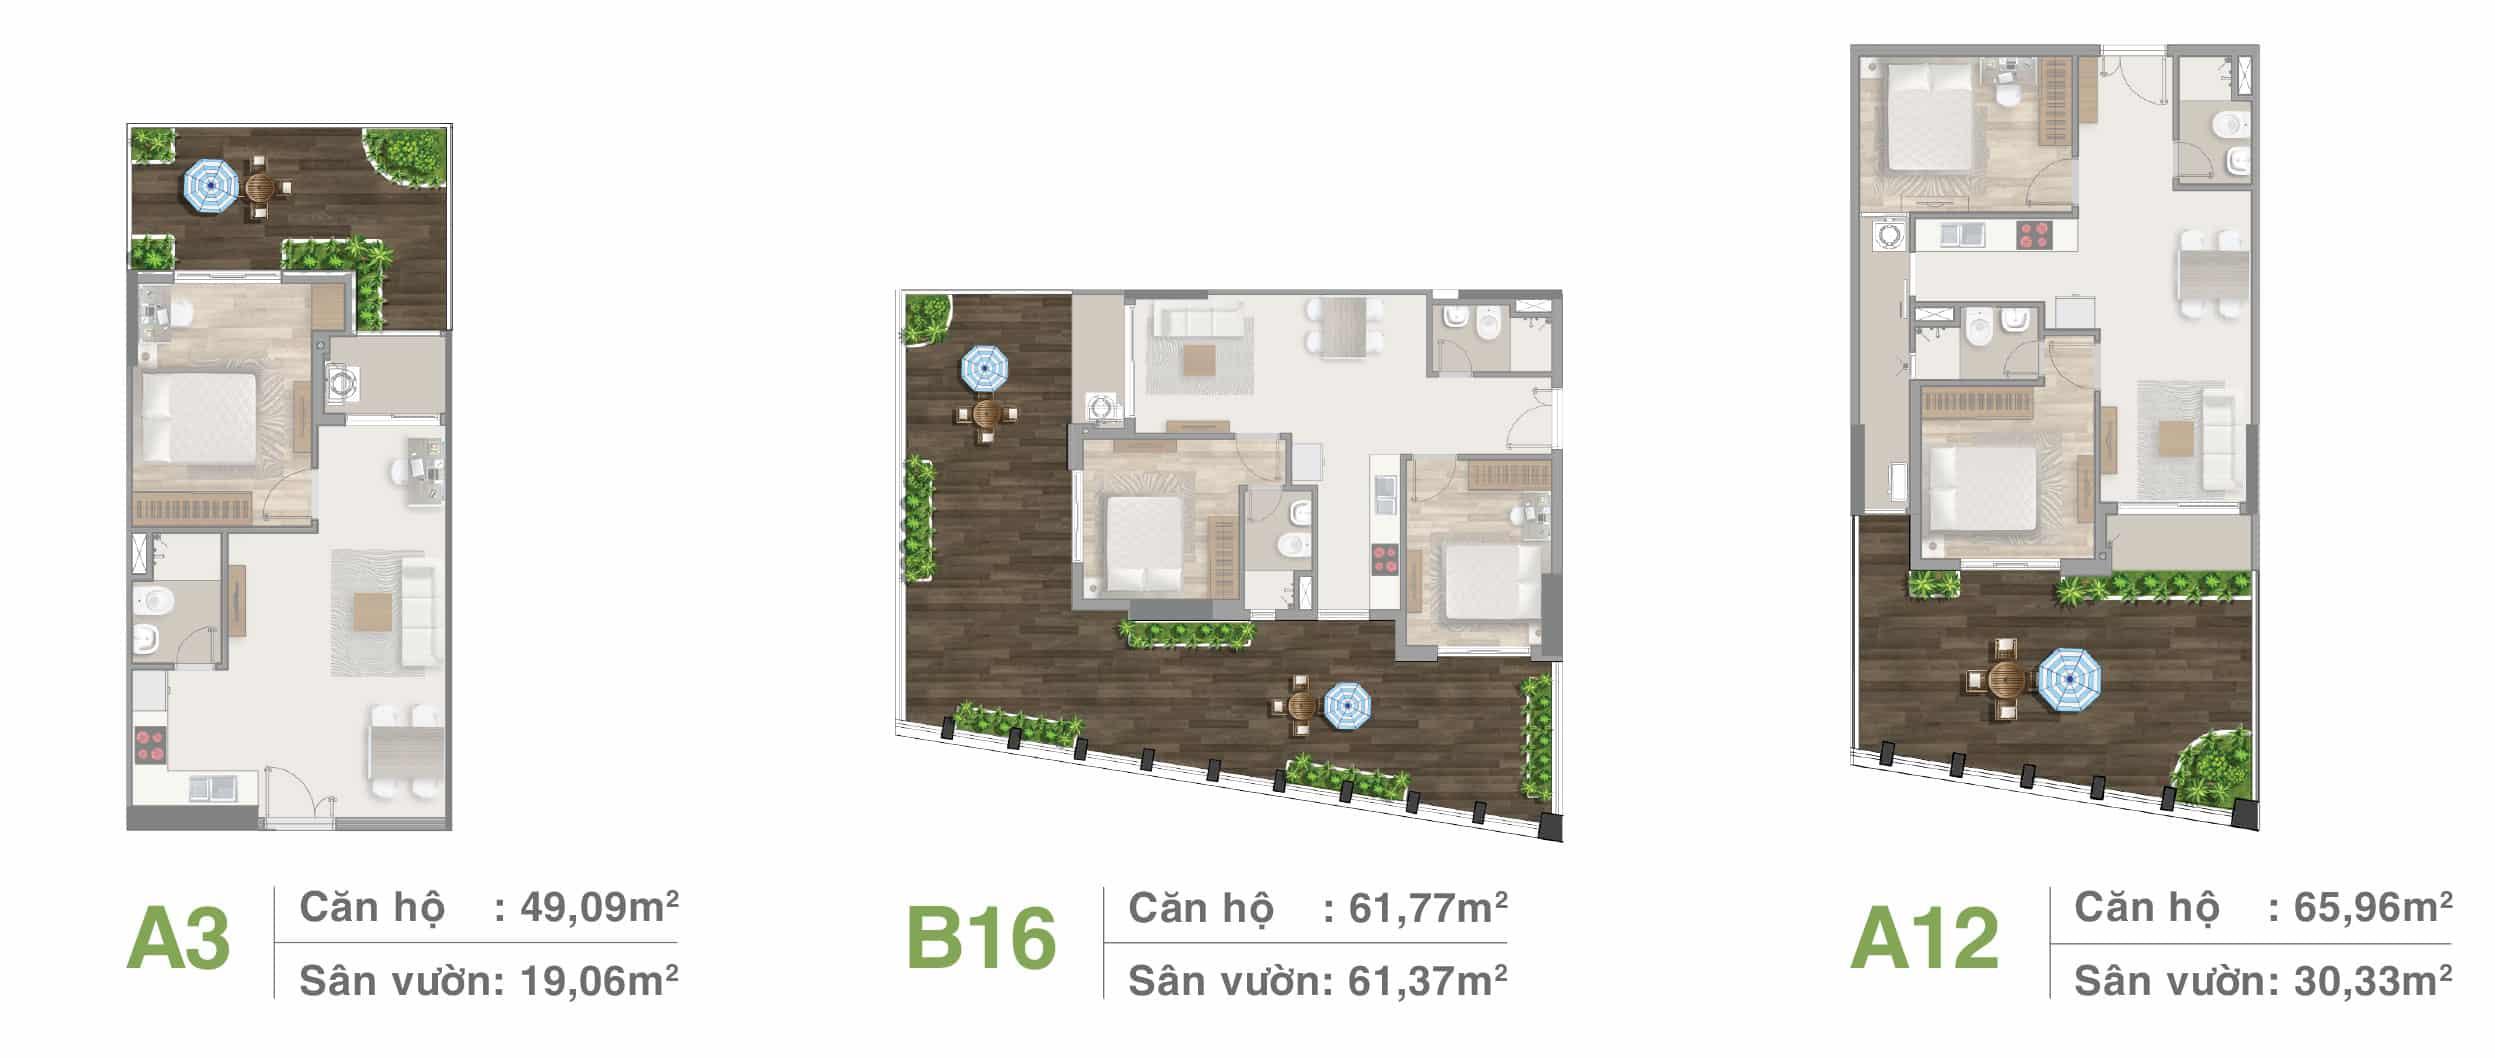 Thiết kế căn hộ sân vườn tầng 3